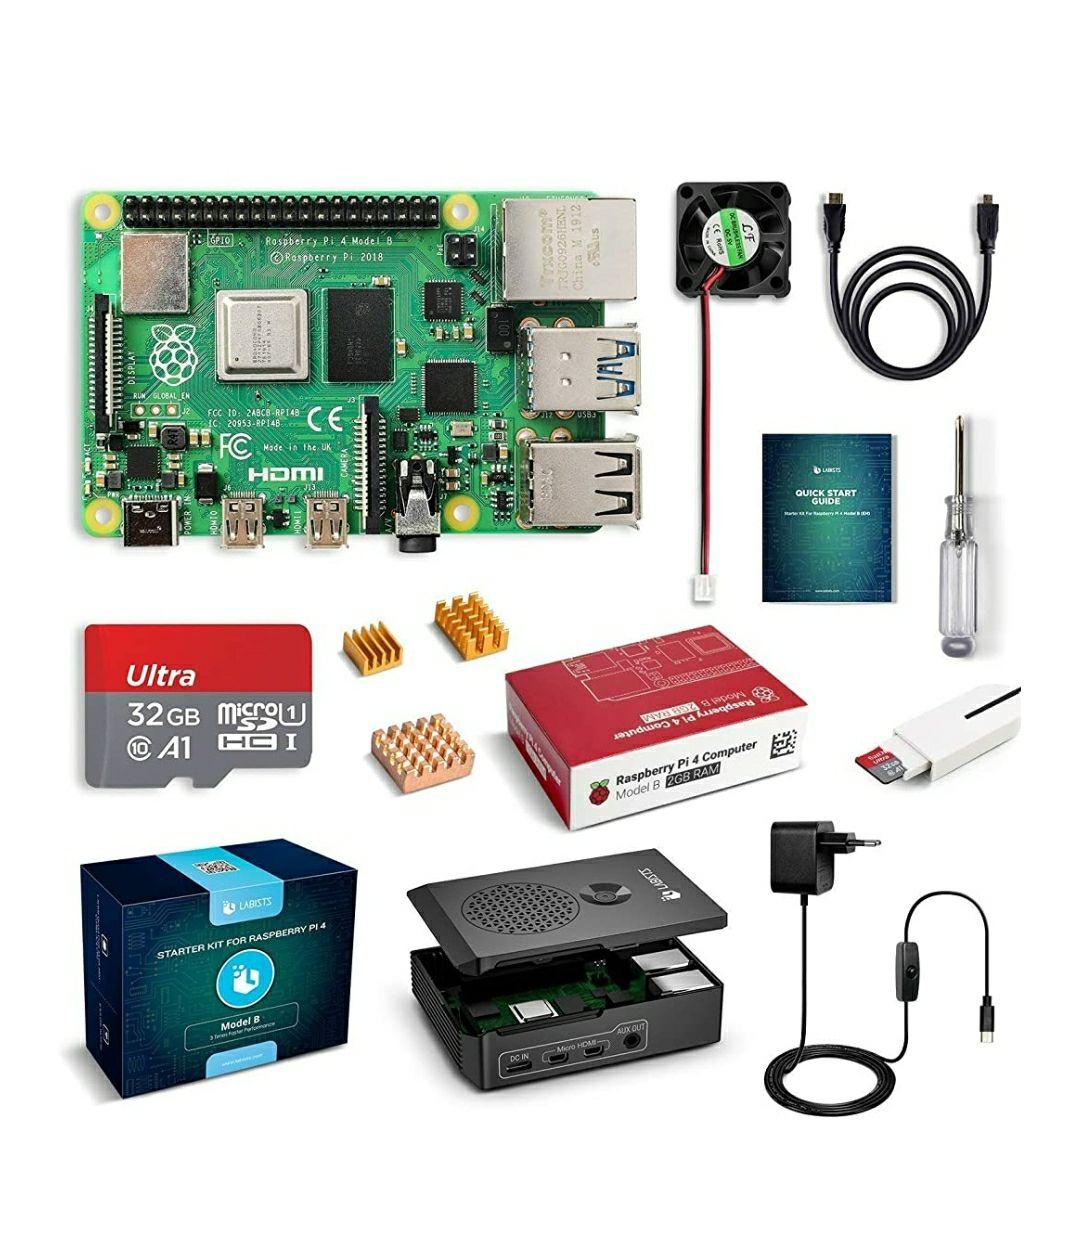 Kit de démarrage Raspberry PI 4 (Modèle B - V1.2) - 2 Go RAM (Vendeur tiers)